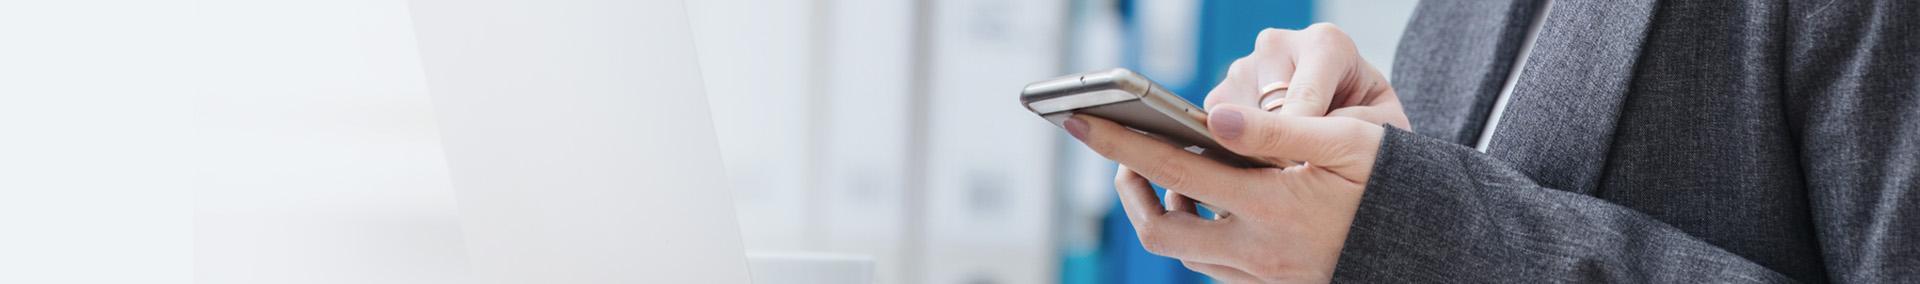 Osoba trzymająca telefon w dłoni